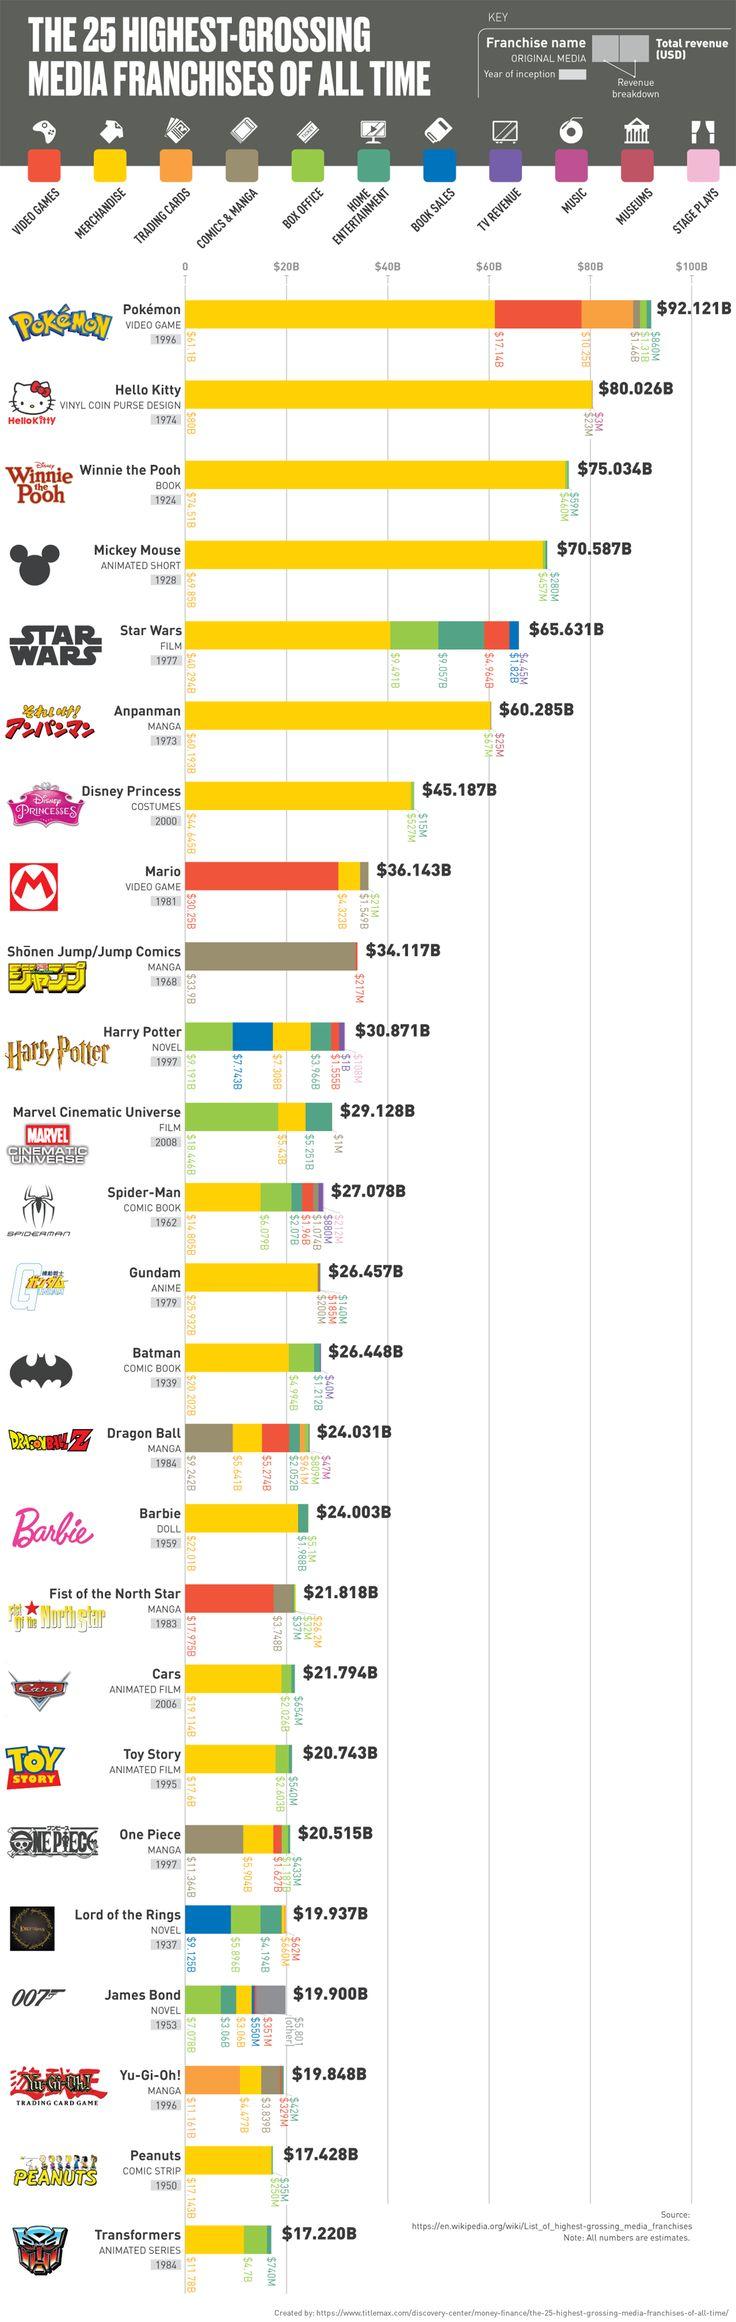 The 25 HighestGrossing Media Franchises of All Time All